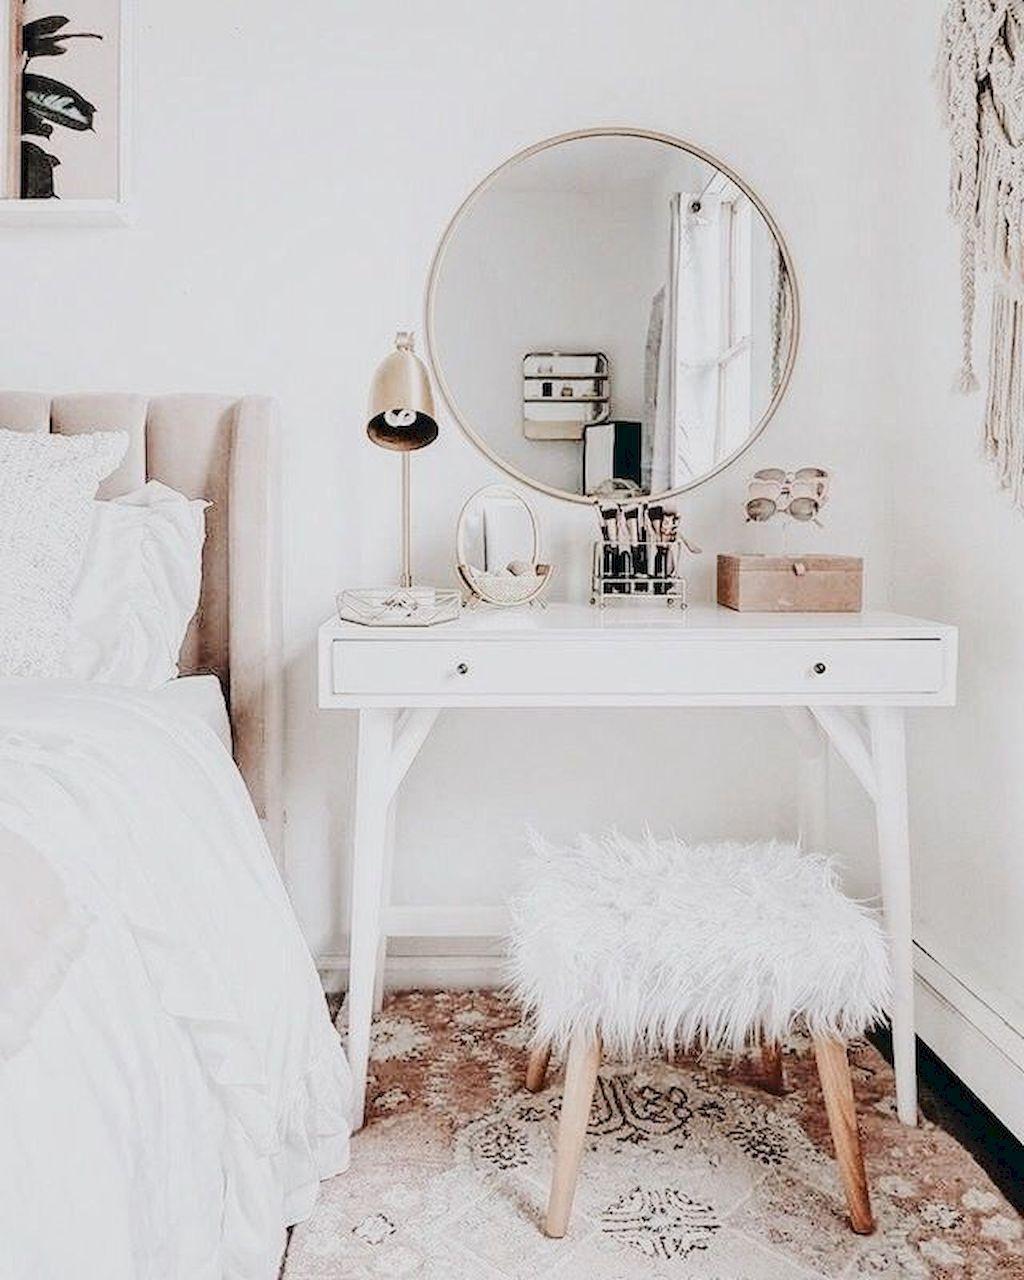 # Zitate für Schlafzimmer Dekor # Schlafzimmer Dekor Liebesschilder # Schlafzimmer Dekor Stile #bedro …